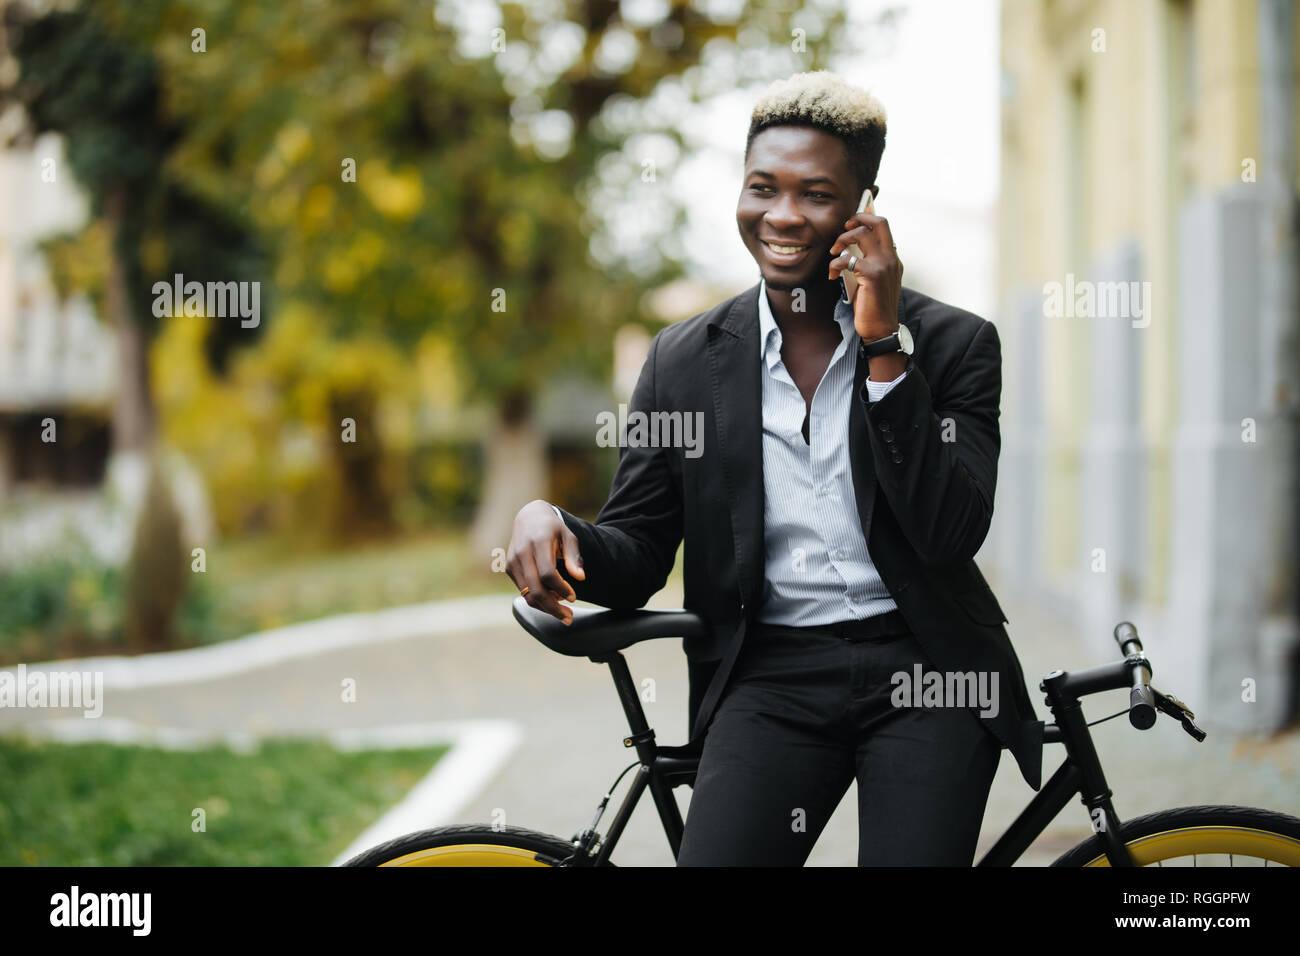 Retrato de un joven apuesto a través de teléfono móvil y el piñón fijo de bicicleta en la calle. Foto de stock